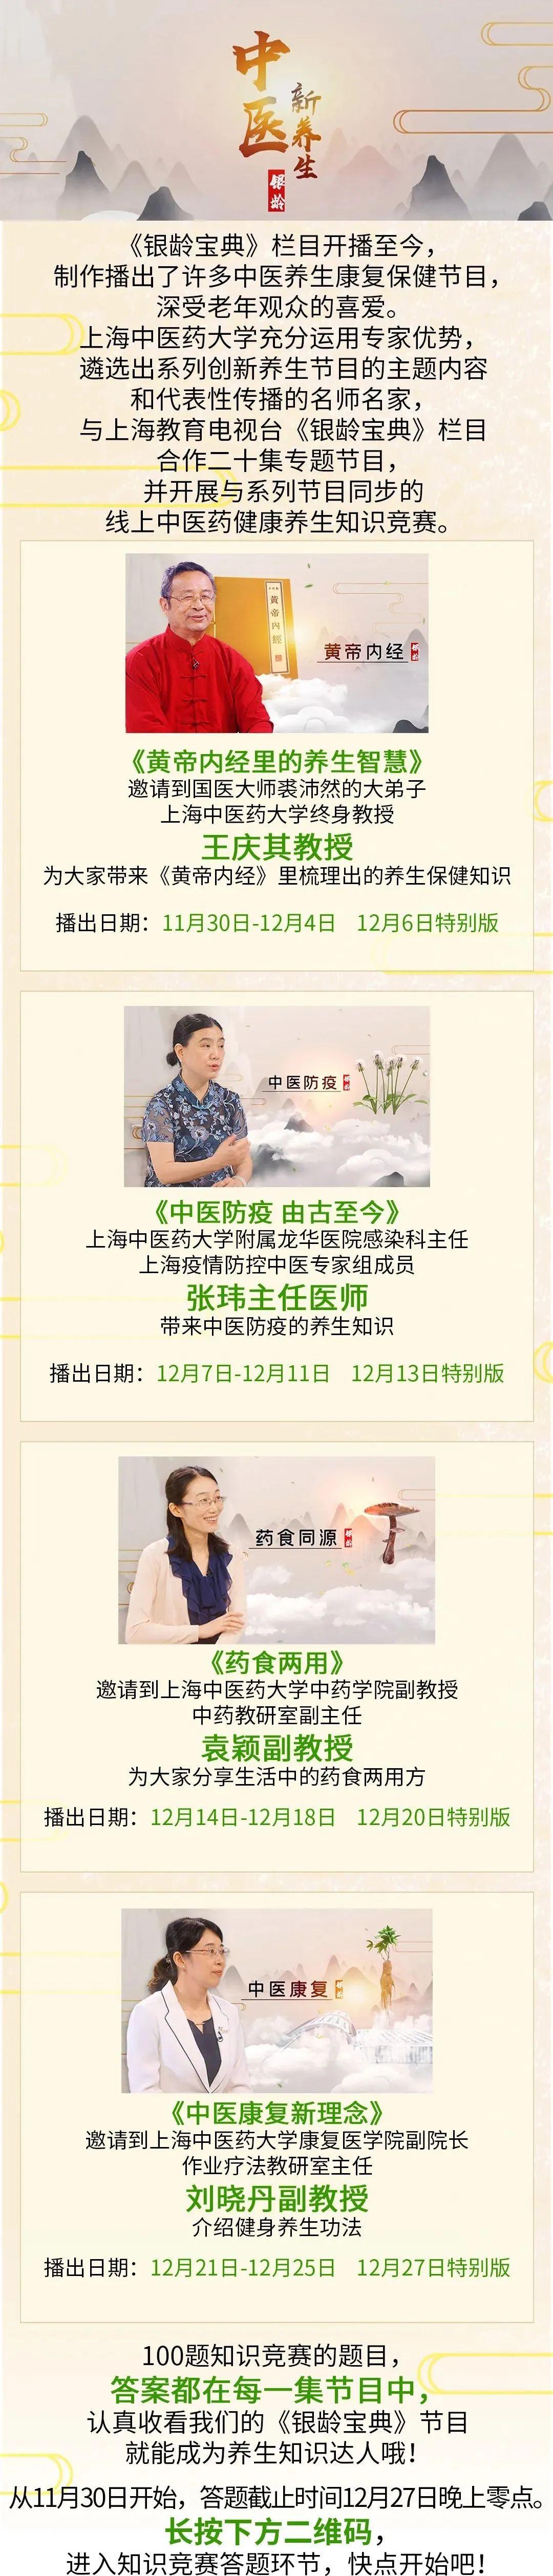 上海教育电视台合作栏目《银龄宝典-中医新养生》知识竞赛开始啦,快来参与吧图片